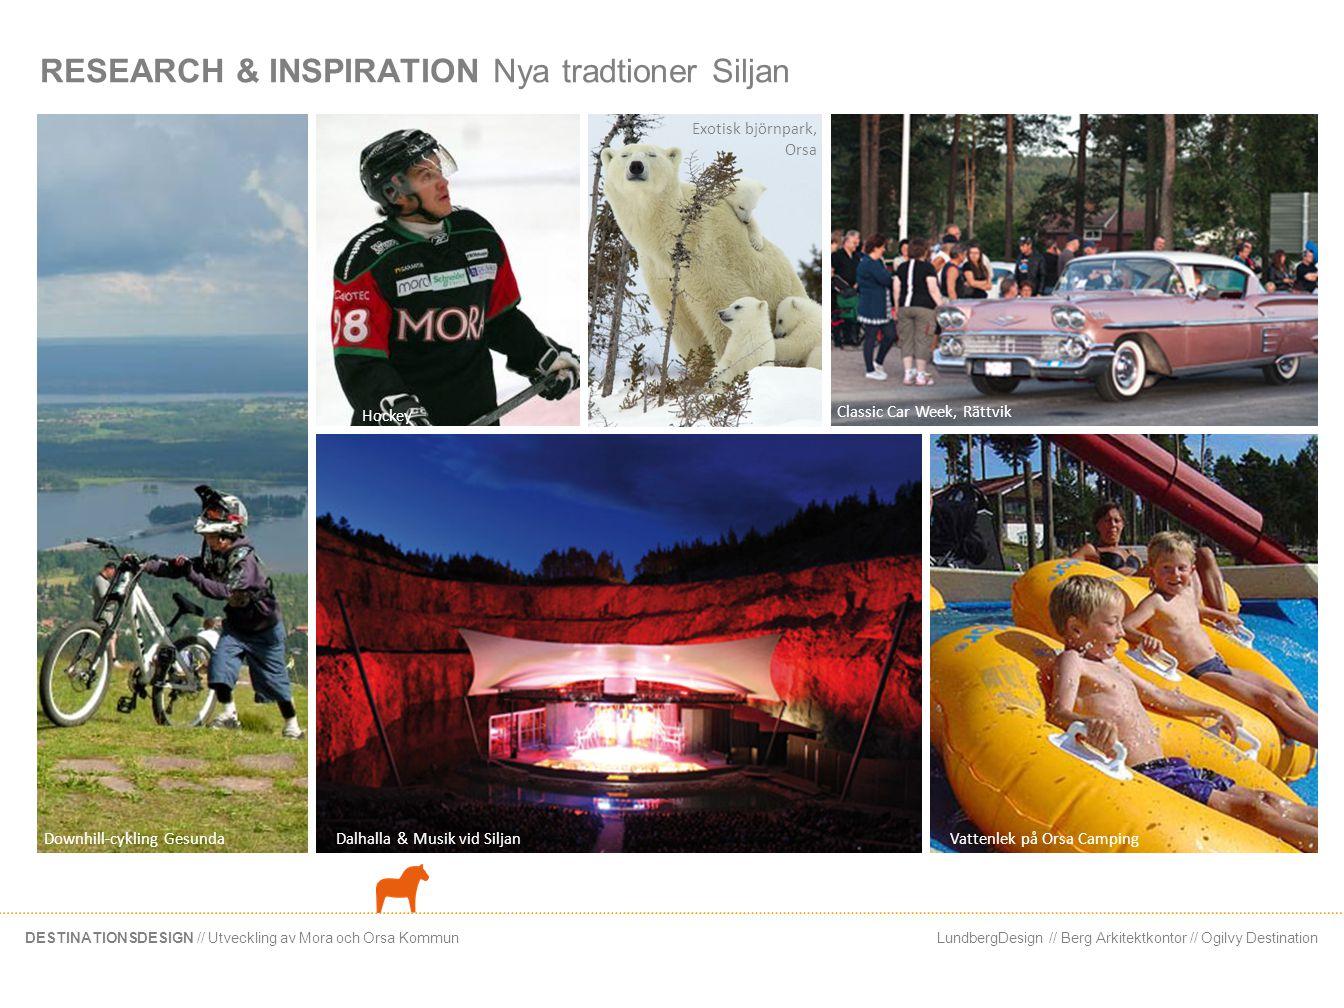 LundbergDesign // Berg Arkitektkontor // Ogilvy DestinationDESTINATIONSDESIGN // Utveckling av Mora och Orsa Kommun RESEARCH & INSPIRATION Hantverk i ny tappning Siljan